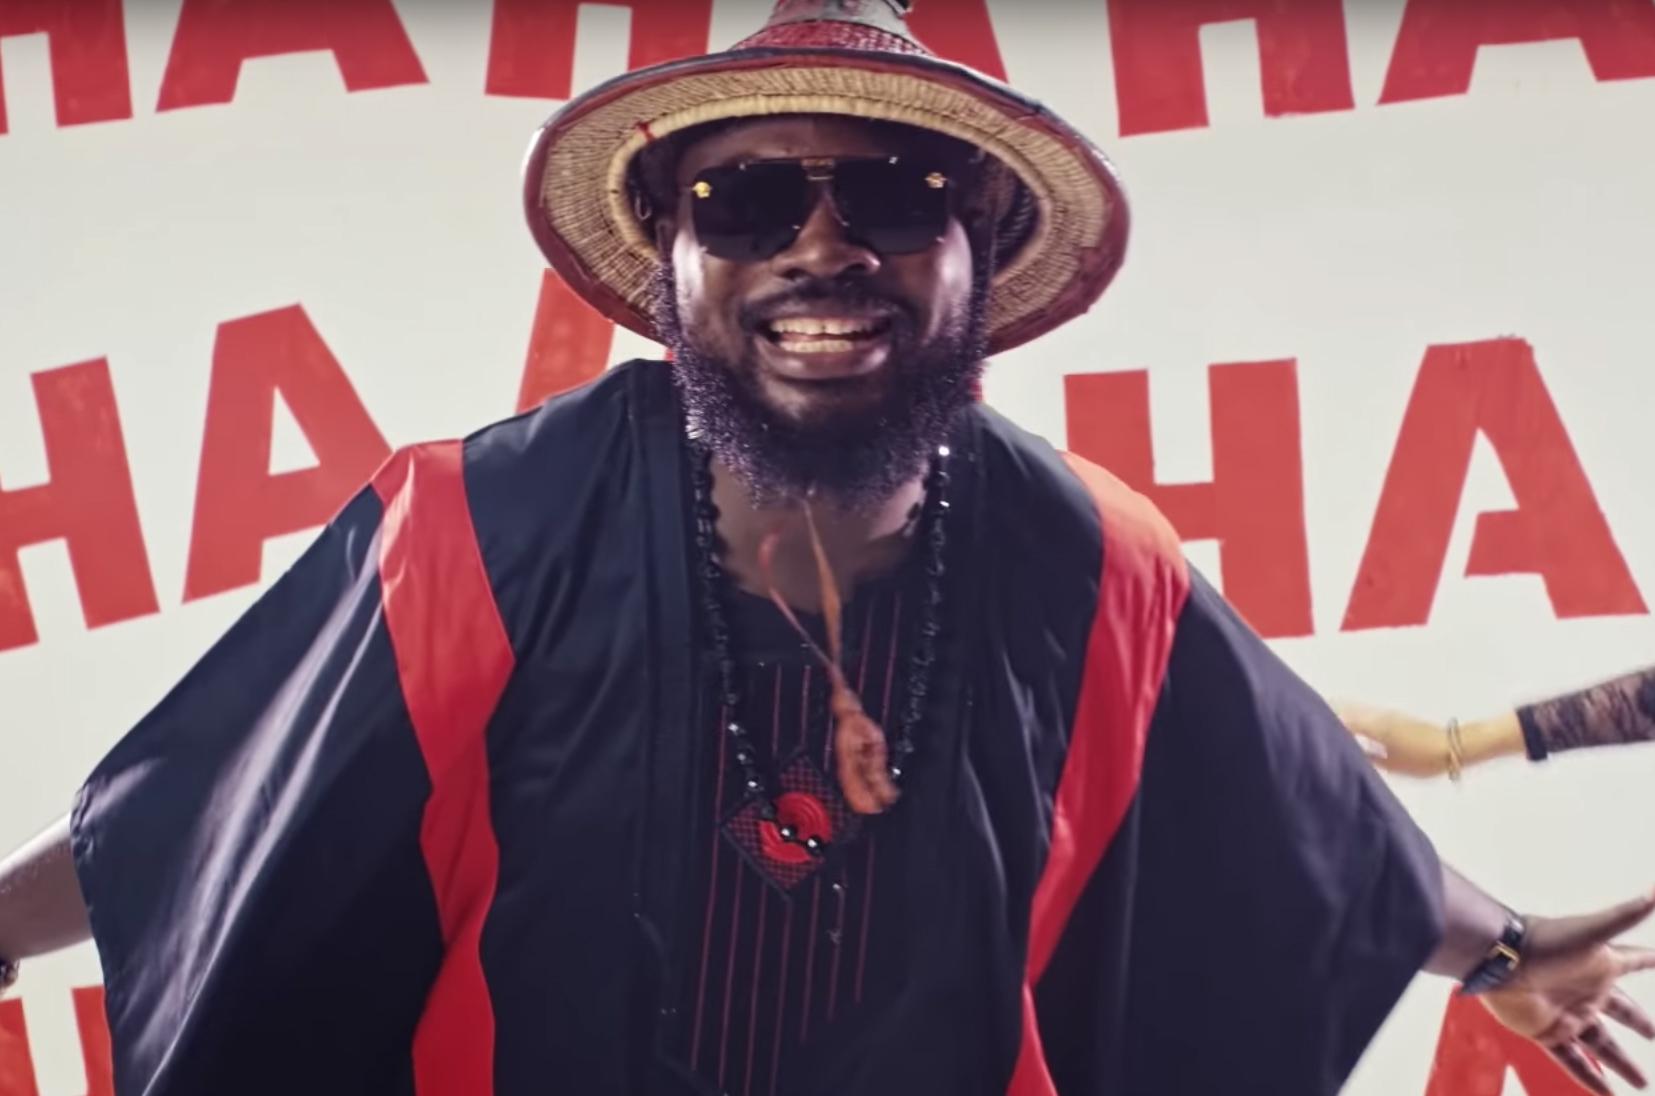 zeal, vvip, wizkid, ghana music